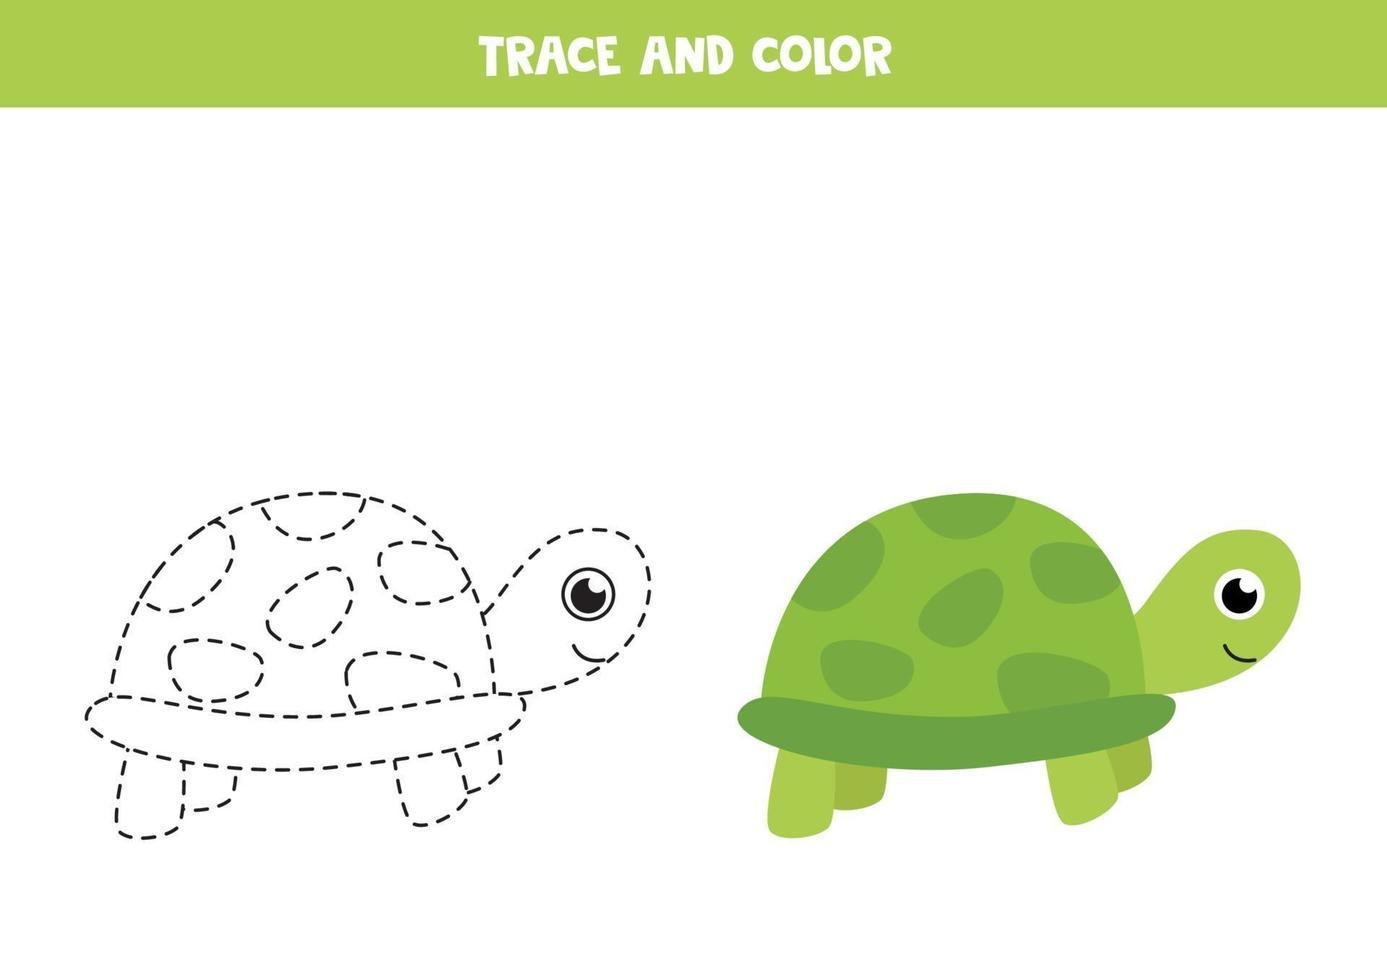 Spur und Farbe niedliche Schildkröte. Raumarbeitsblatt für Kinder. vektor